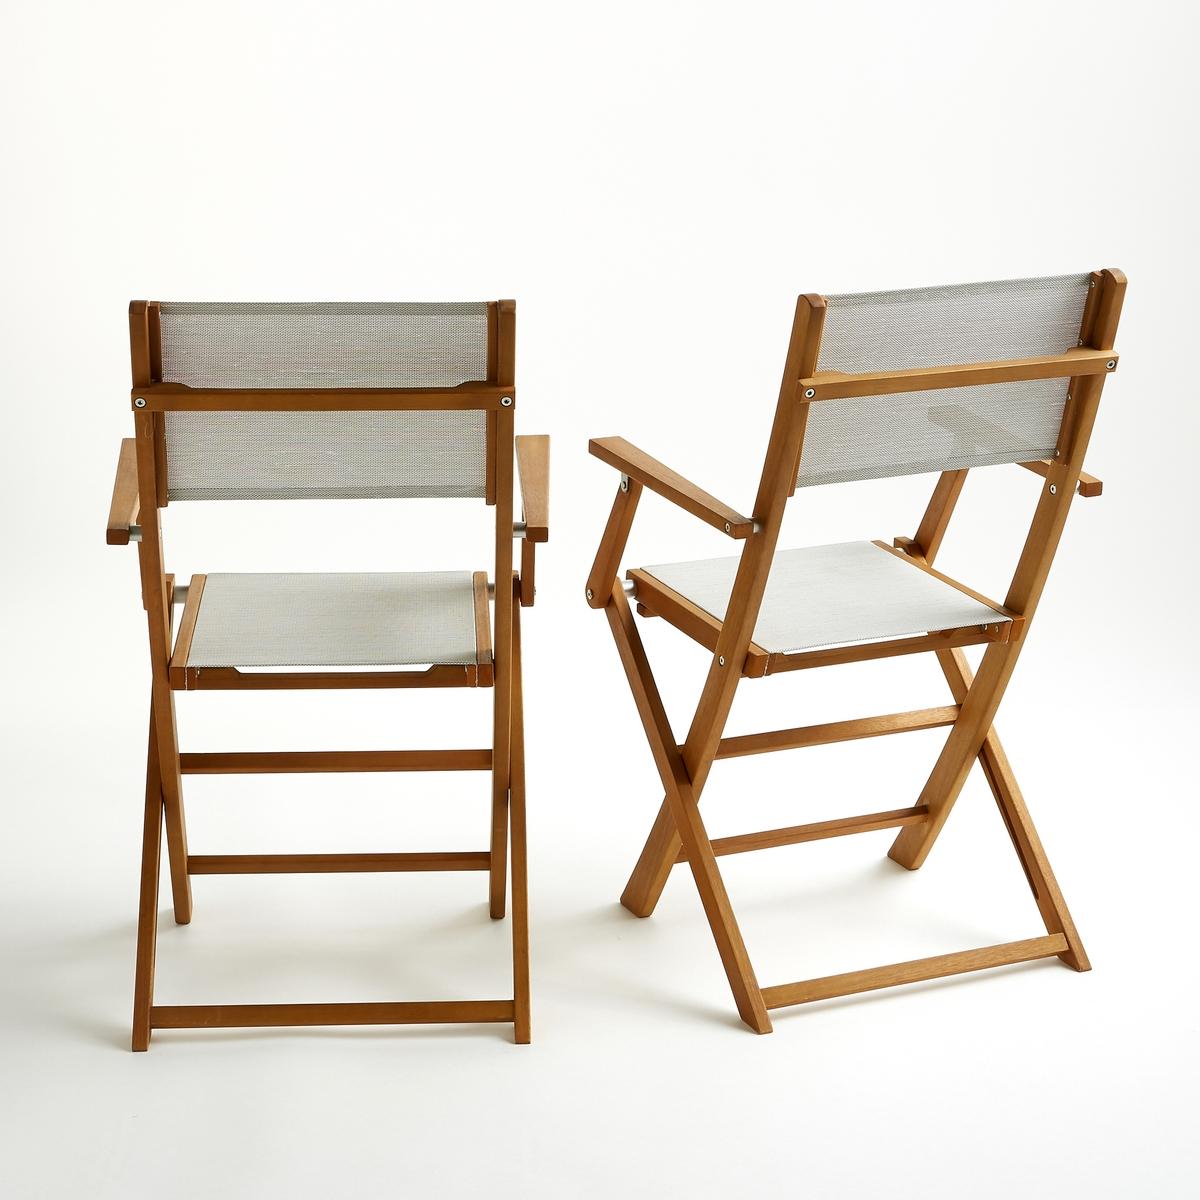 2 кресла садовых складных, Exodor от La Redoute